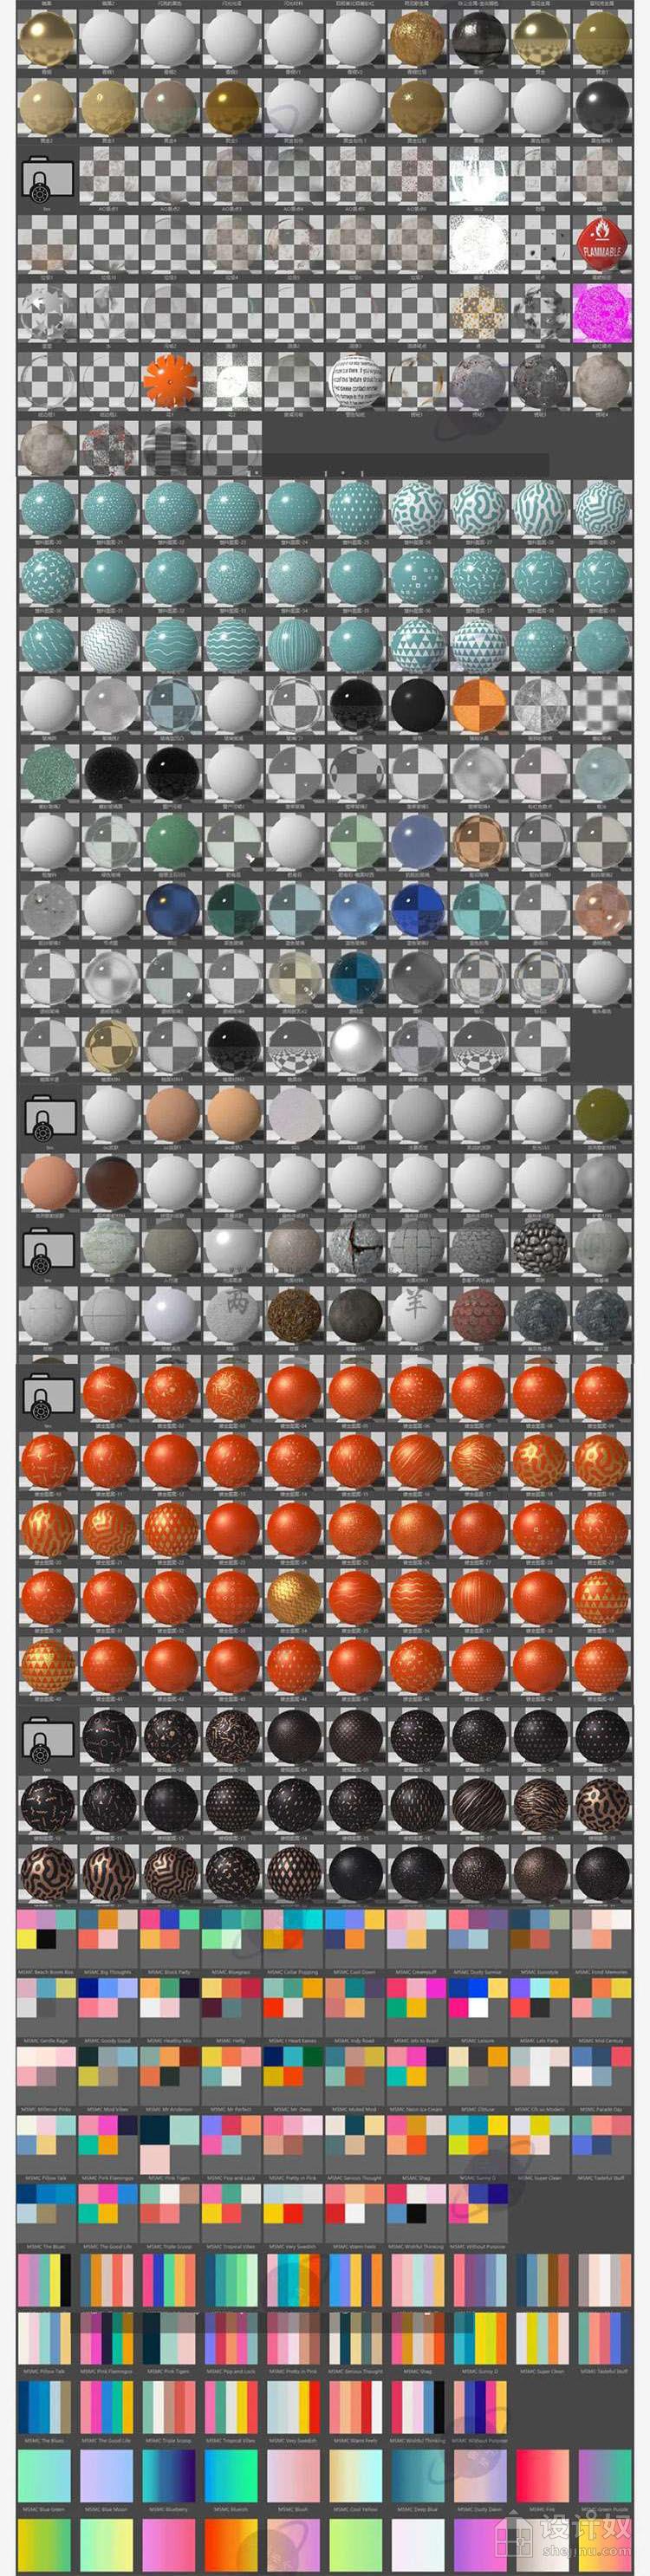 【C4D材质】2000+款PC常用材质球合集,OC渲染中文材质球合集!学习C4D必备